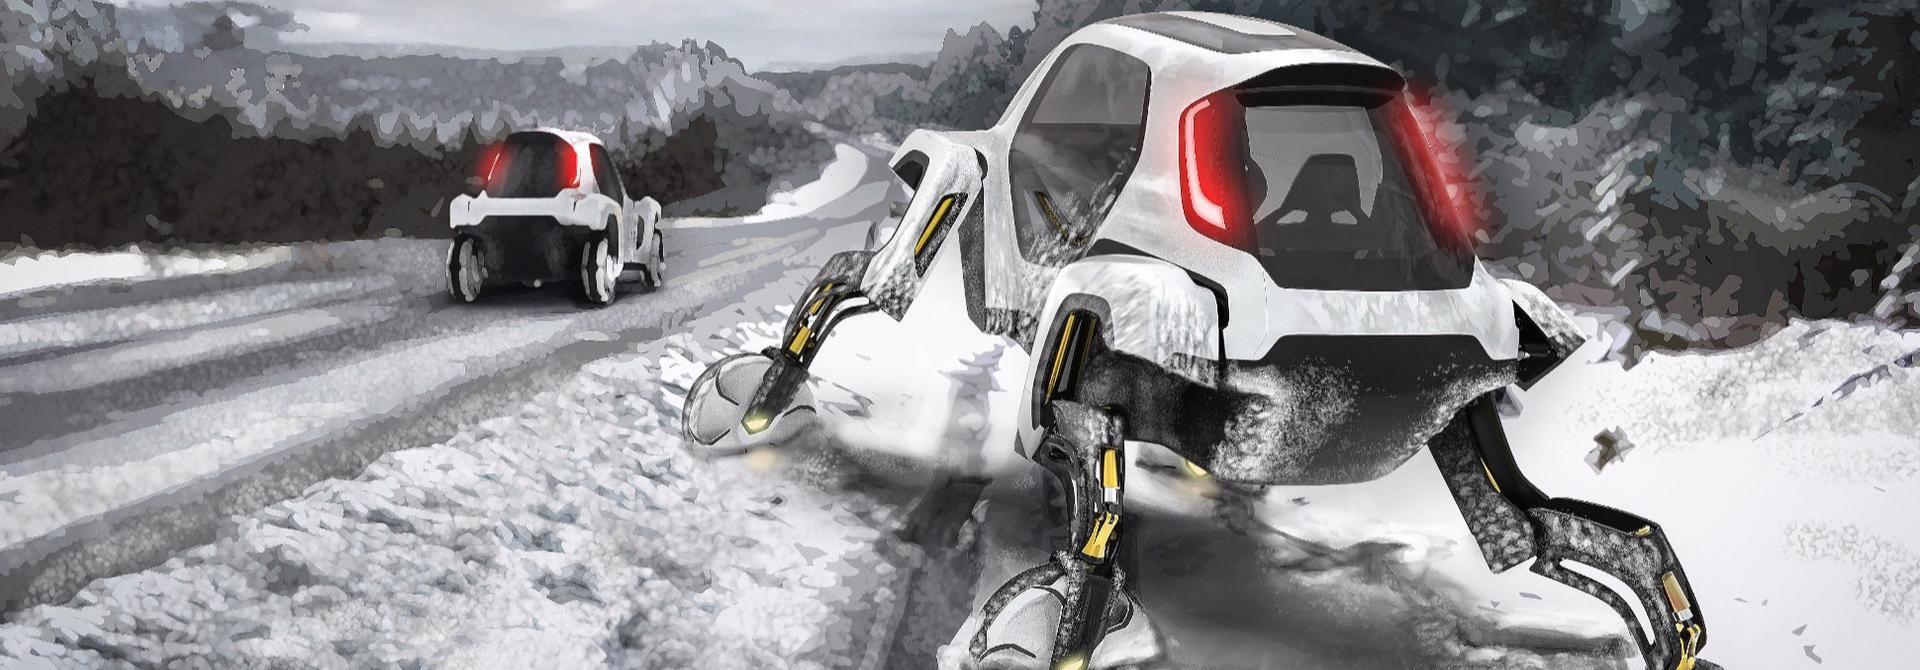 Hyundai muốn phát triển những chiếc ô tô ... kỳ cục này